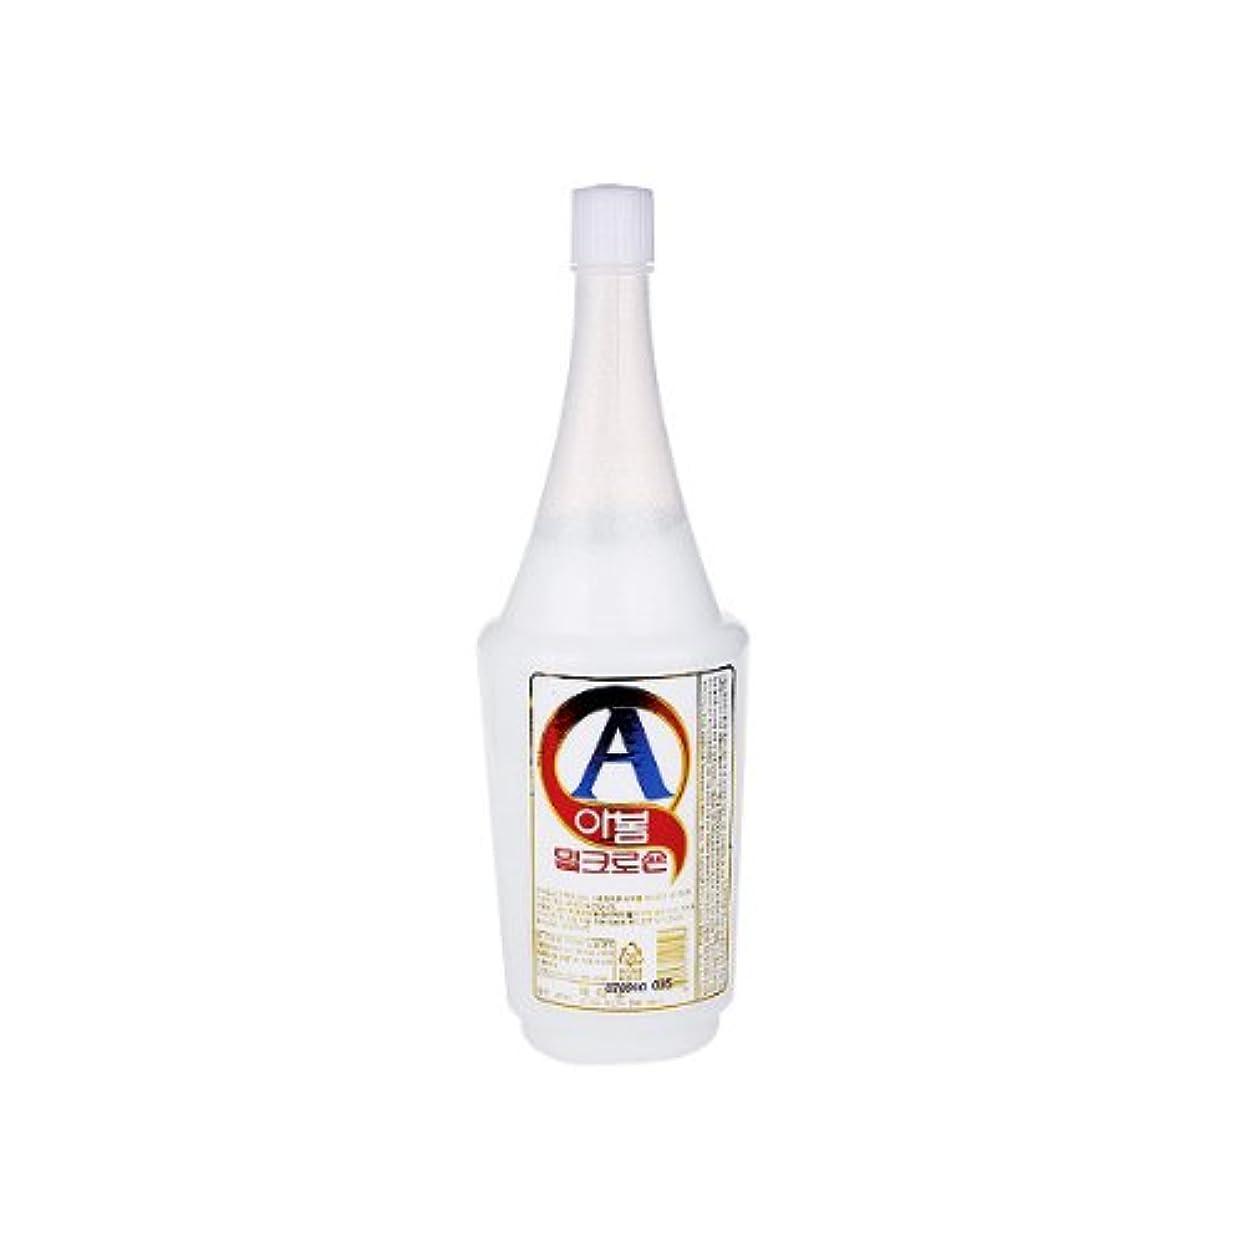 アボム ミルクローション 450ml マッサージ用 乳液 業務用